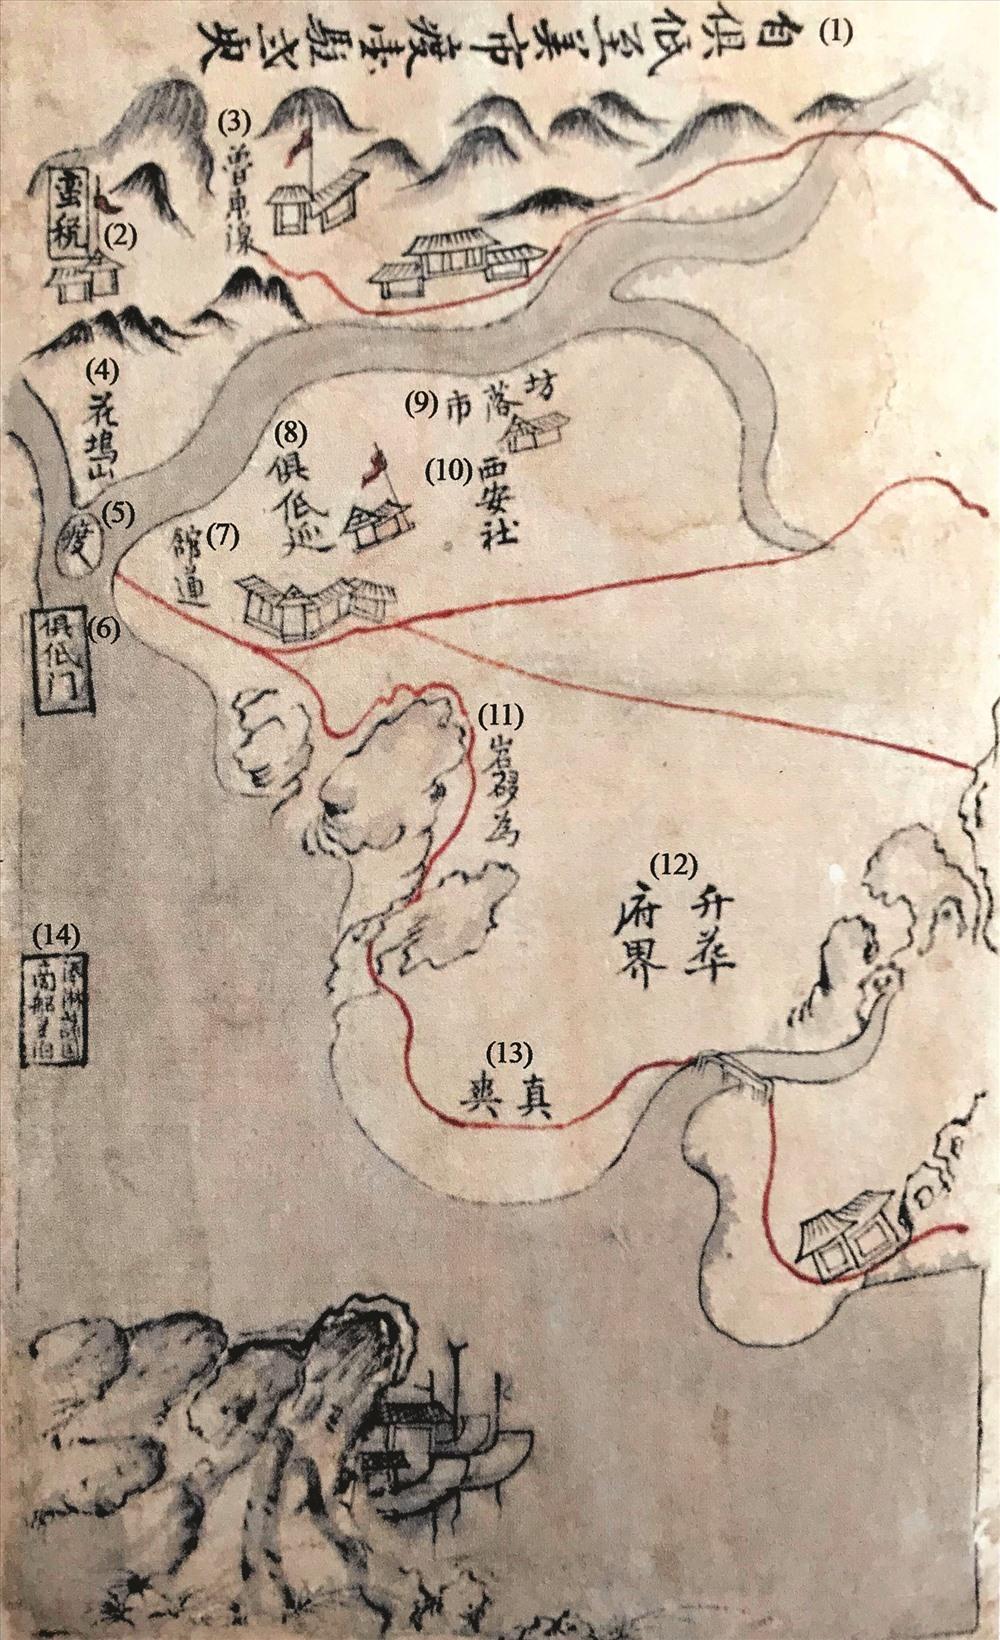 """Bản đồ đường đi qua tỉnh Quảng Nam xưa trong sách """"Quảng Thuận đạo sử tập"""". (ảnh minh họa)"""